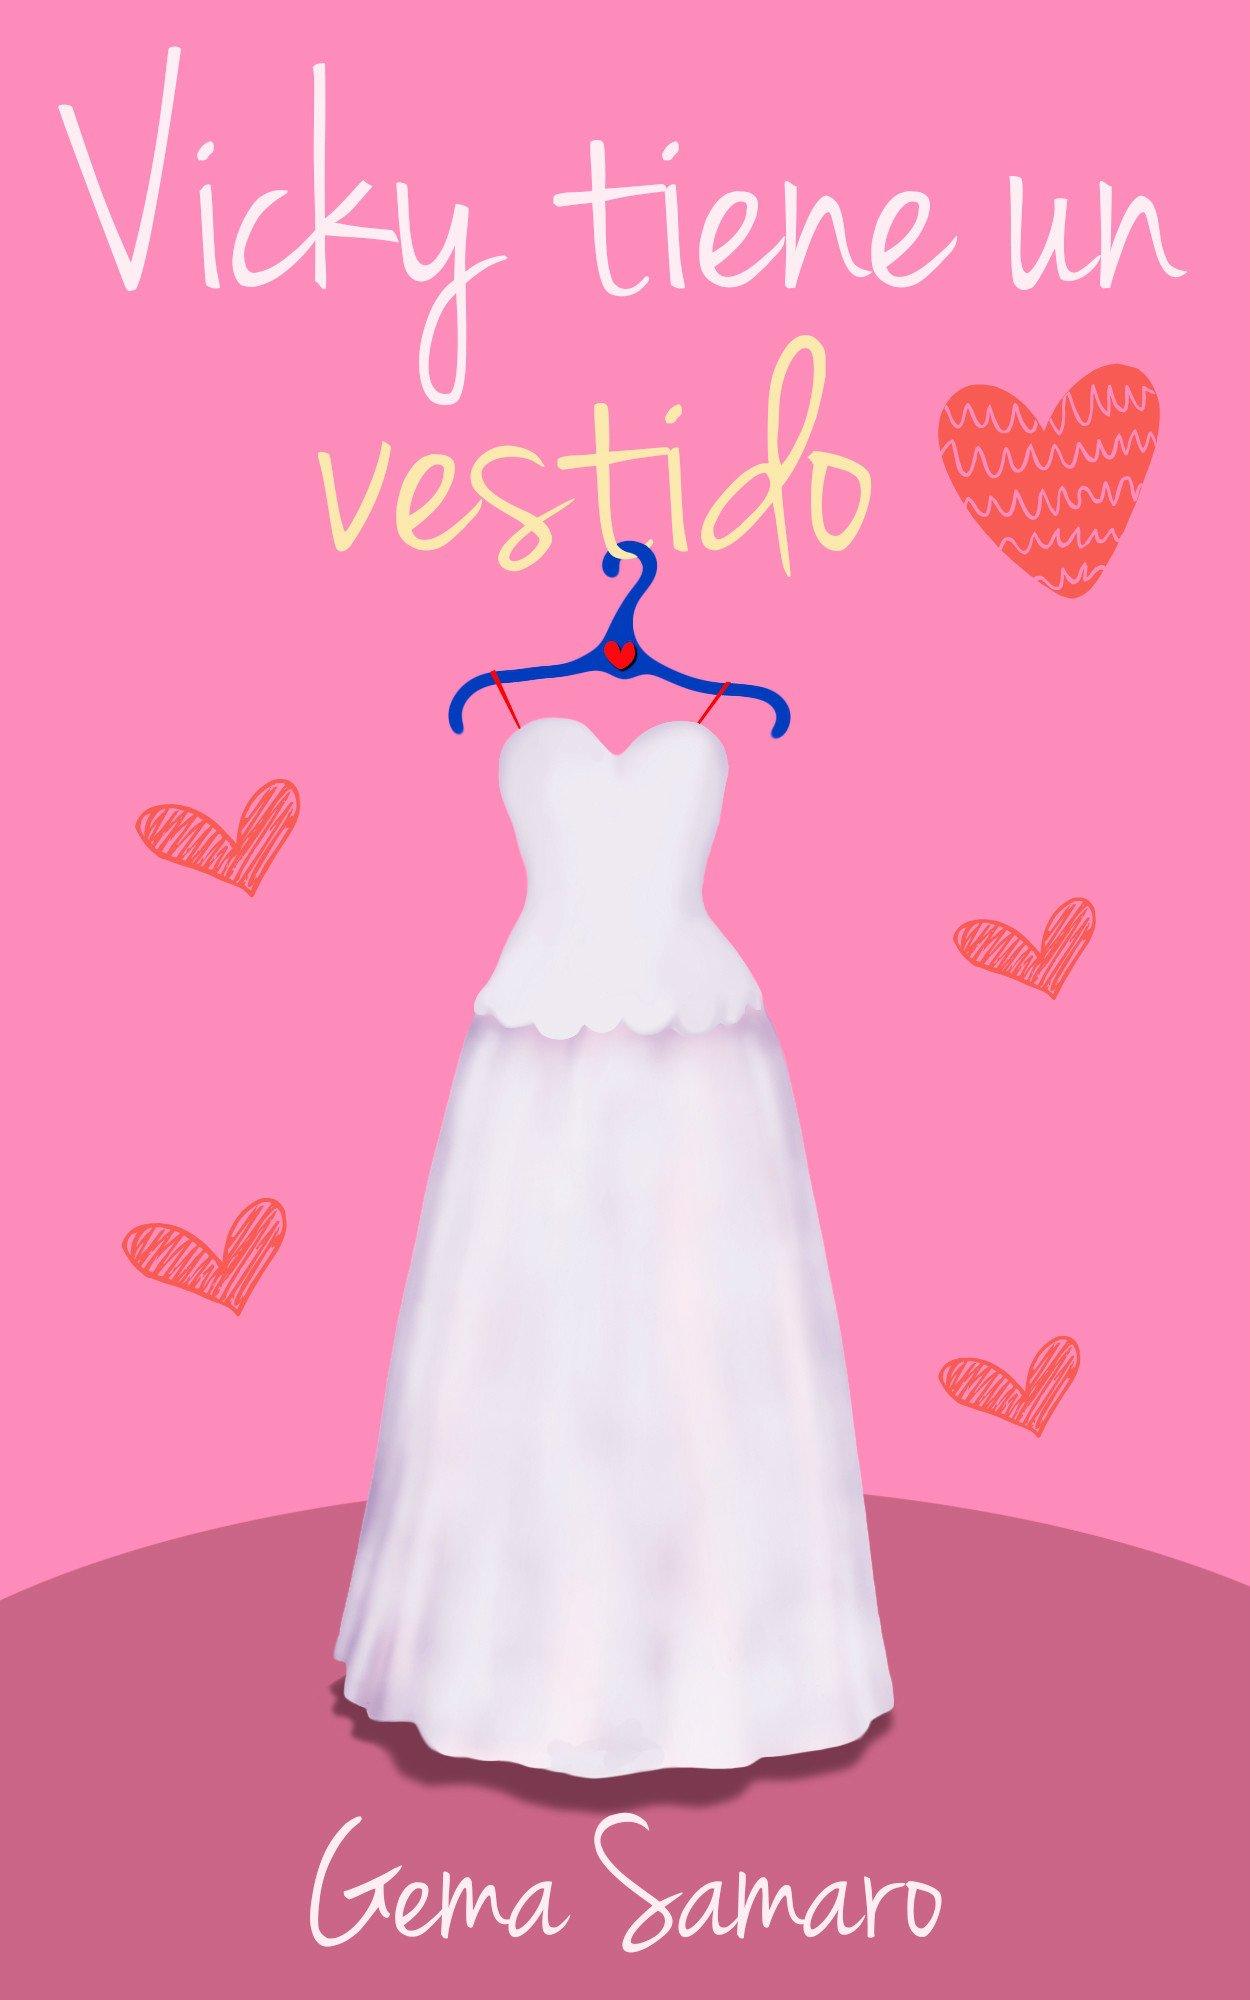 Vicky tiene un vestido